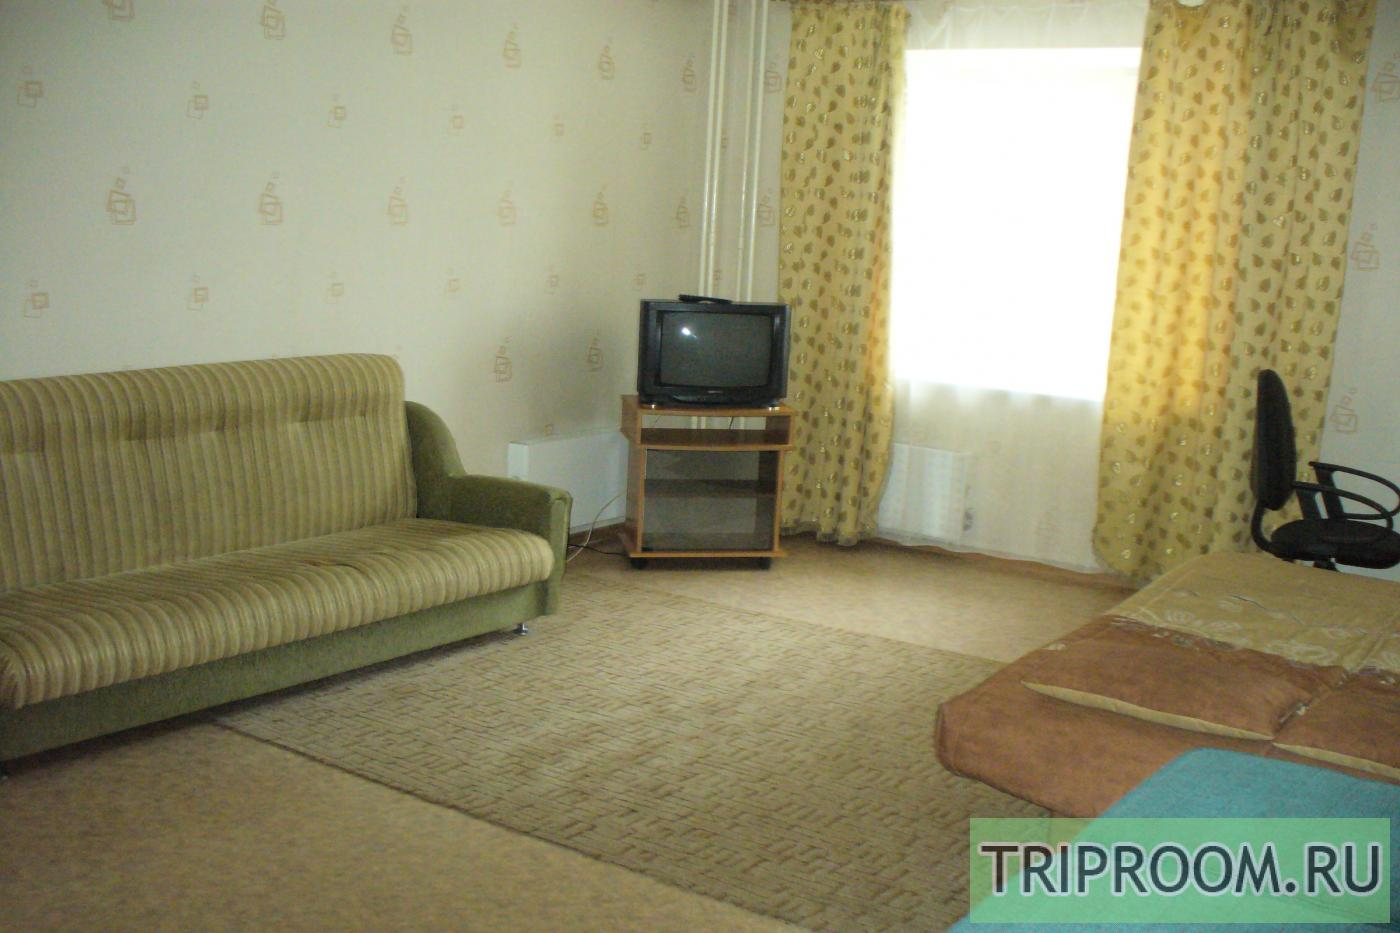 1-комнатная квартира посуточно (вариант № 15391), ул. Елизаровых улица, фото № 3